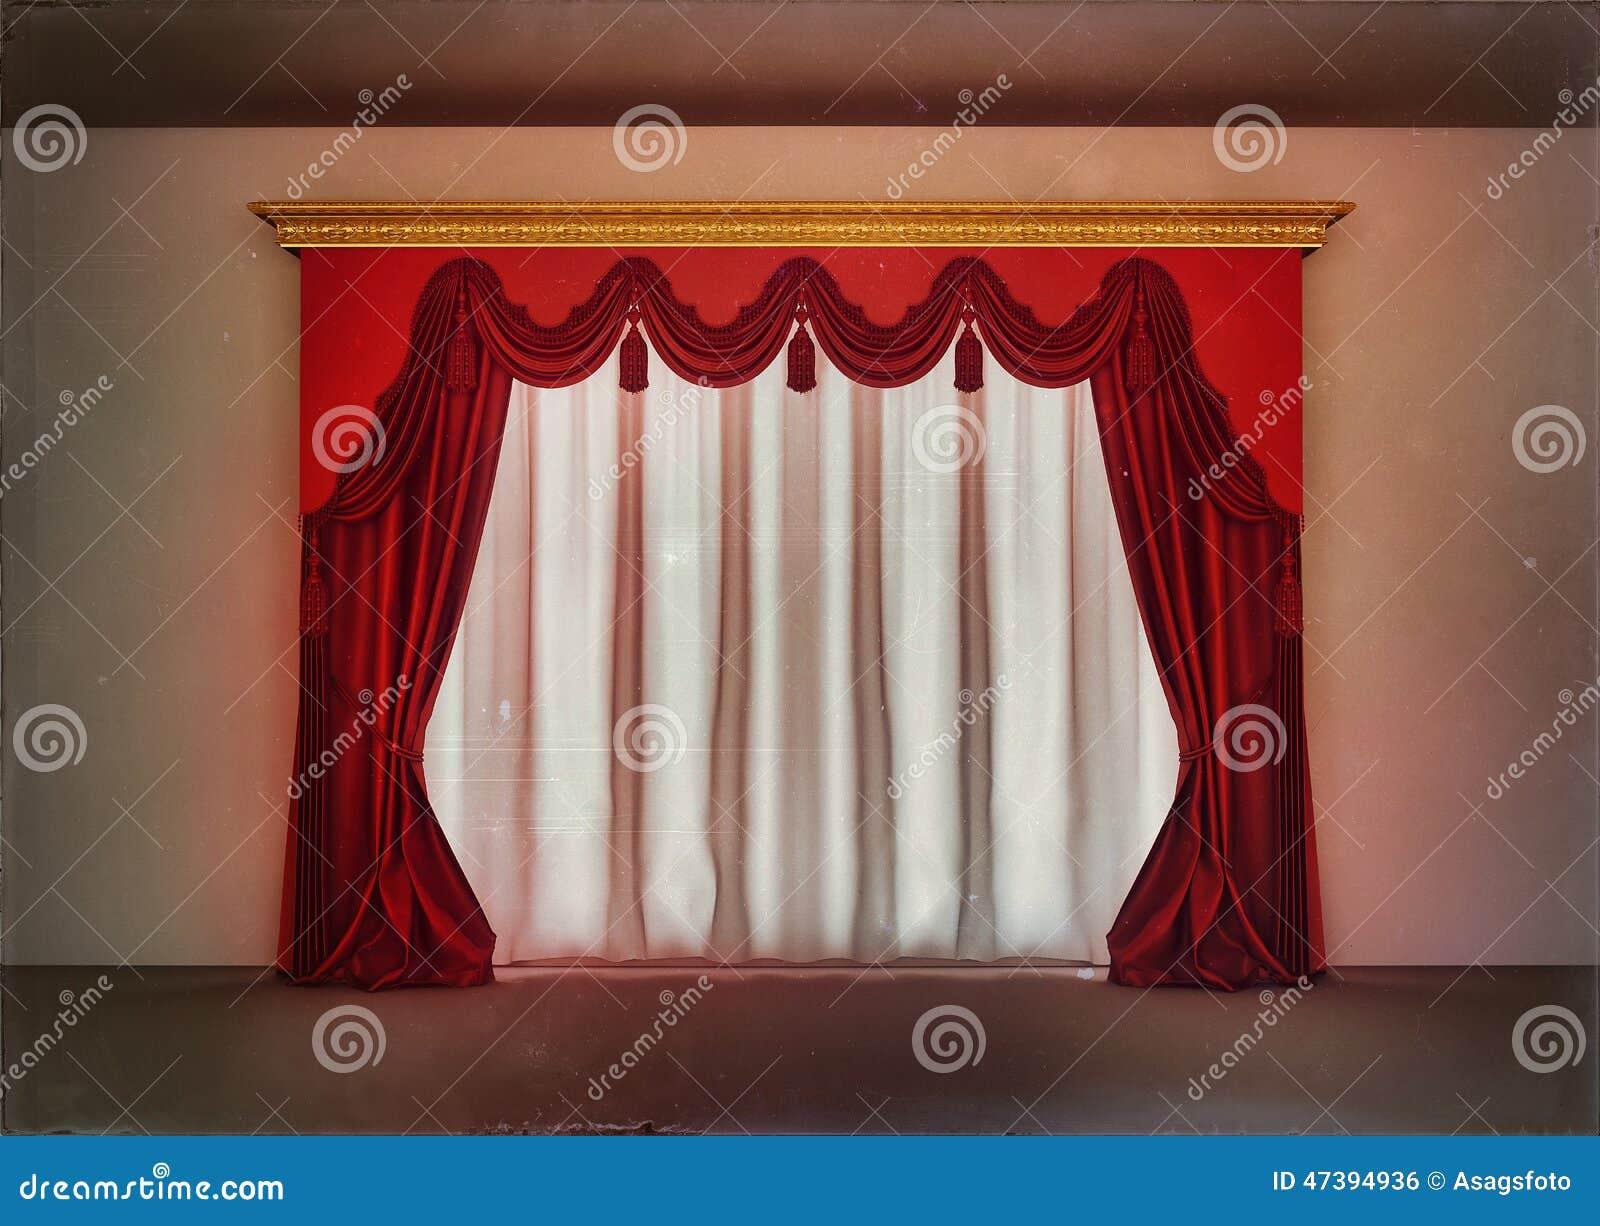 cortinas rojas de lujo en sitio vaco stock de ilustracin